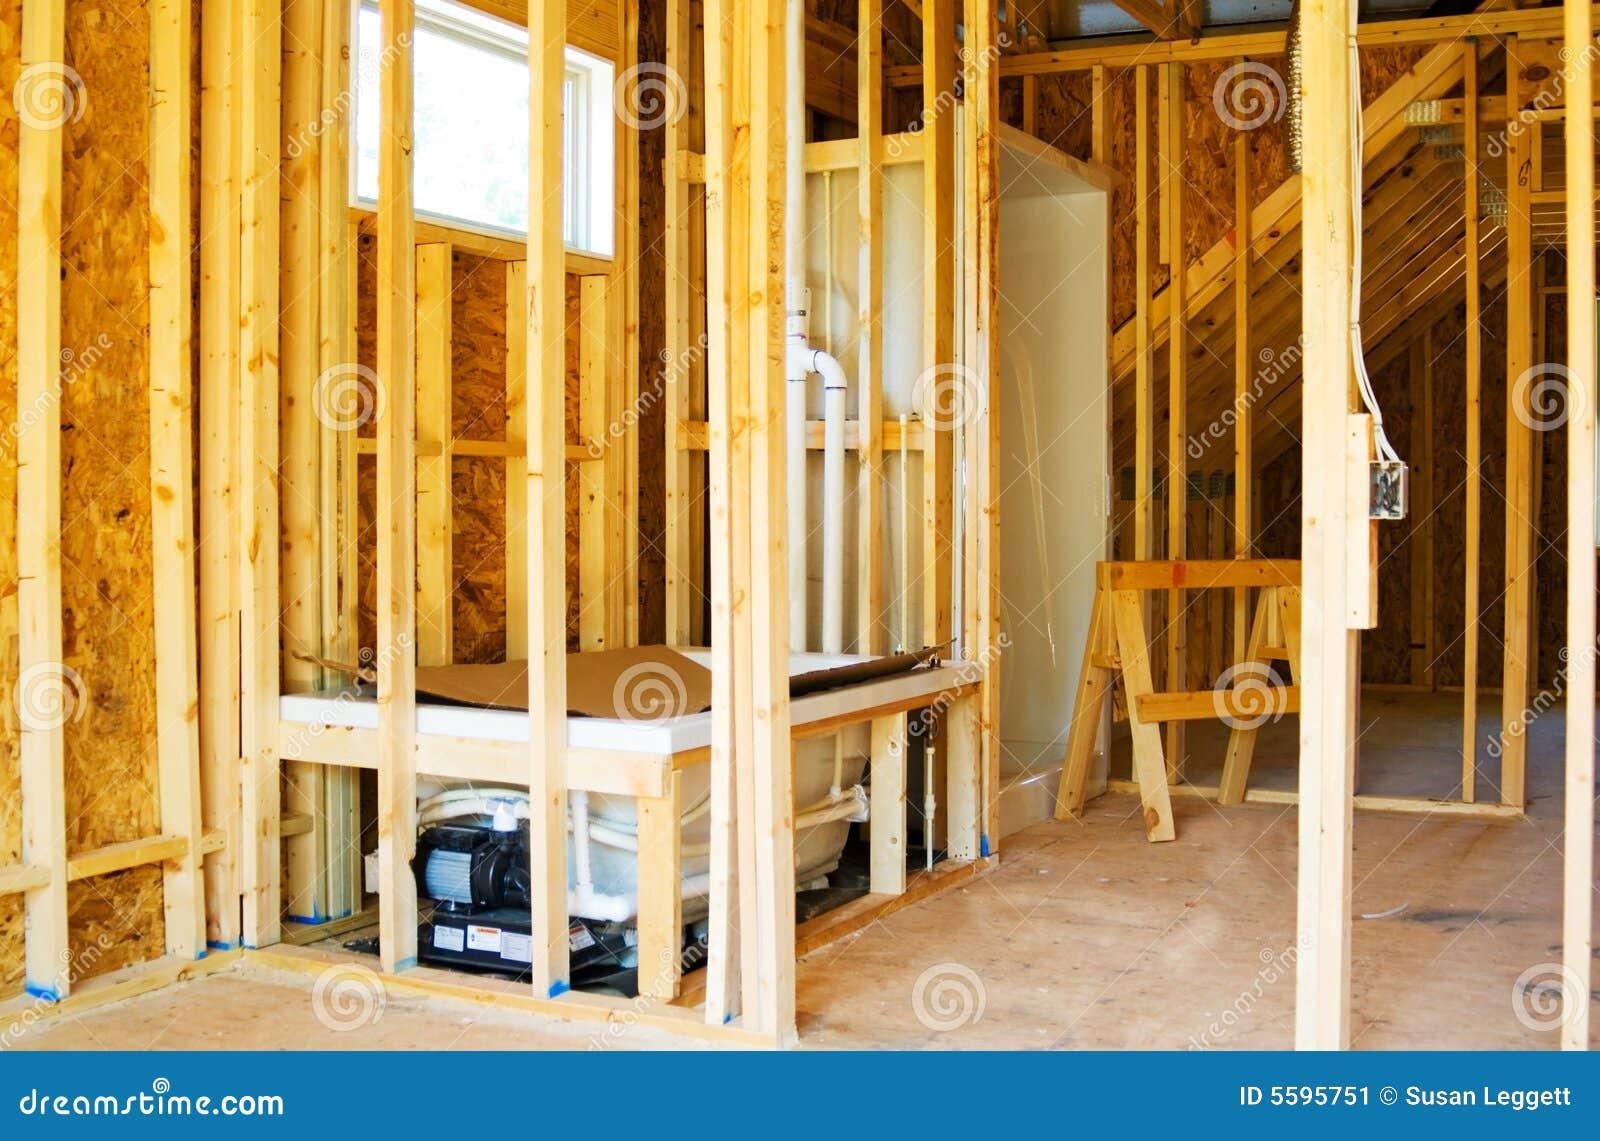 Construction salle de bains image stock image 5595751 for Construction salle de bain